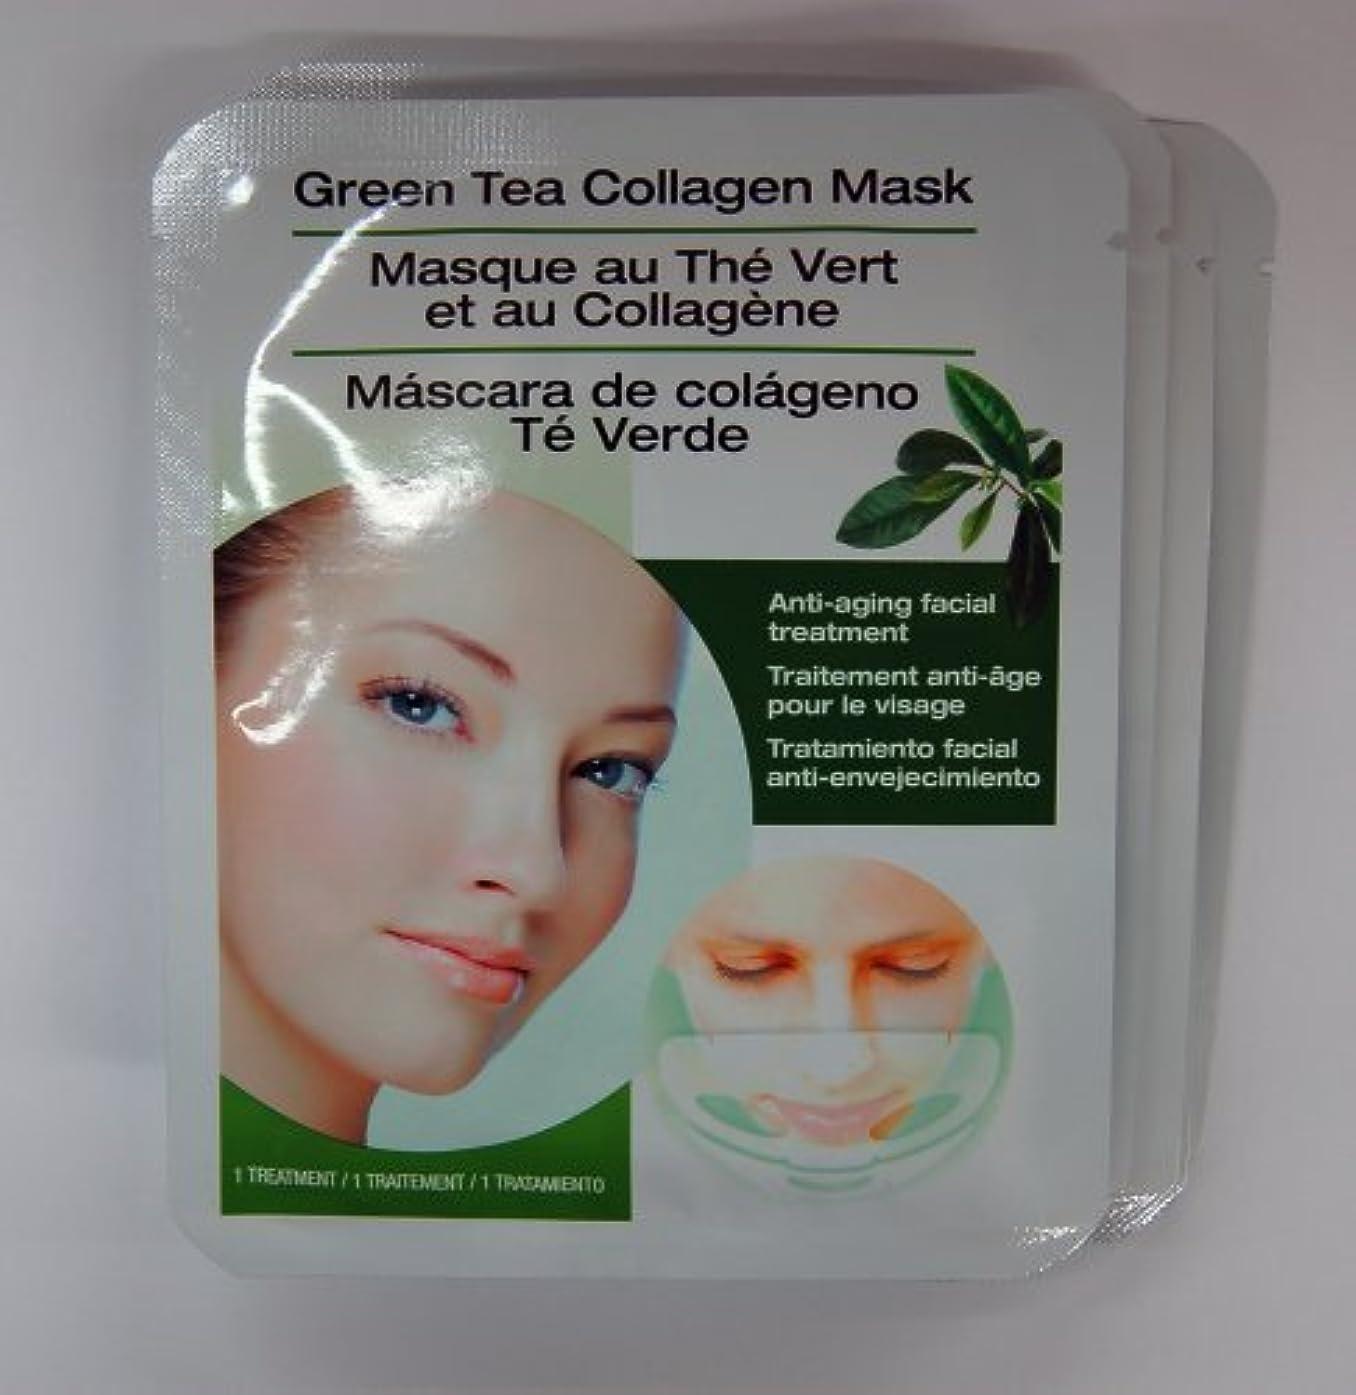 懲らしめ暗くするラベルDermactin-TS コラーゲンマスク、緑茶 (並行輸入品)